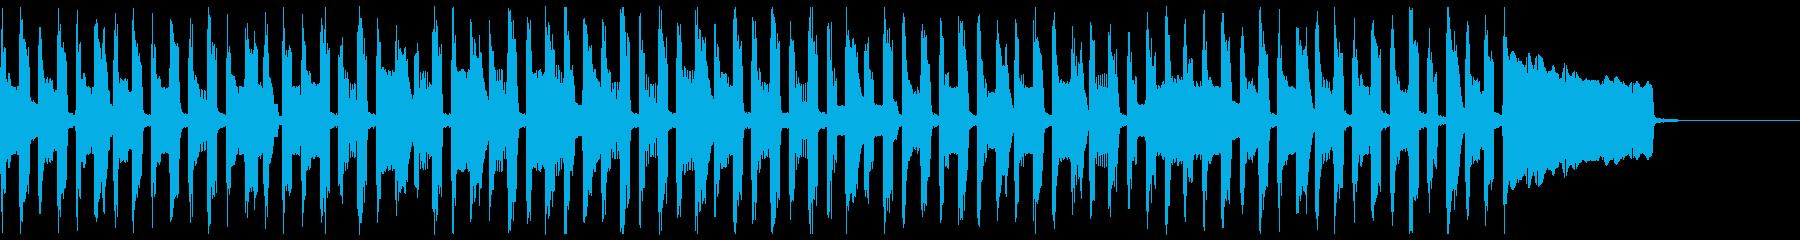 呼び込み君っぽい曲_ショートverの再生済みの波形